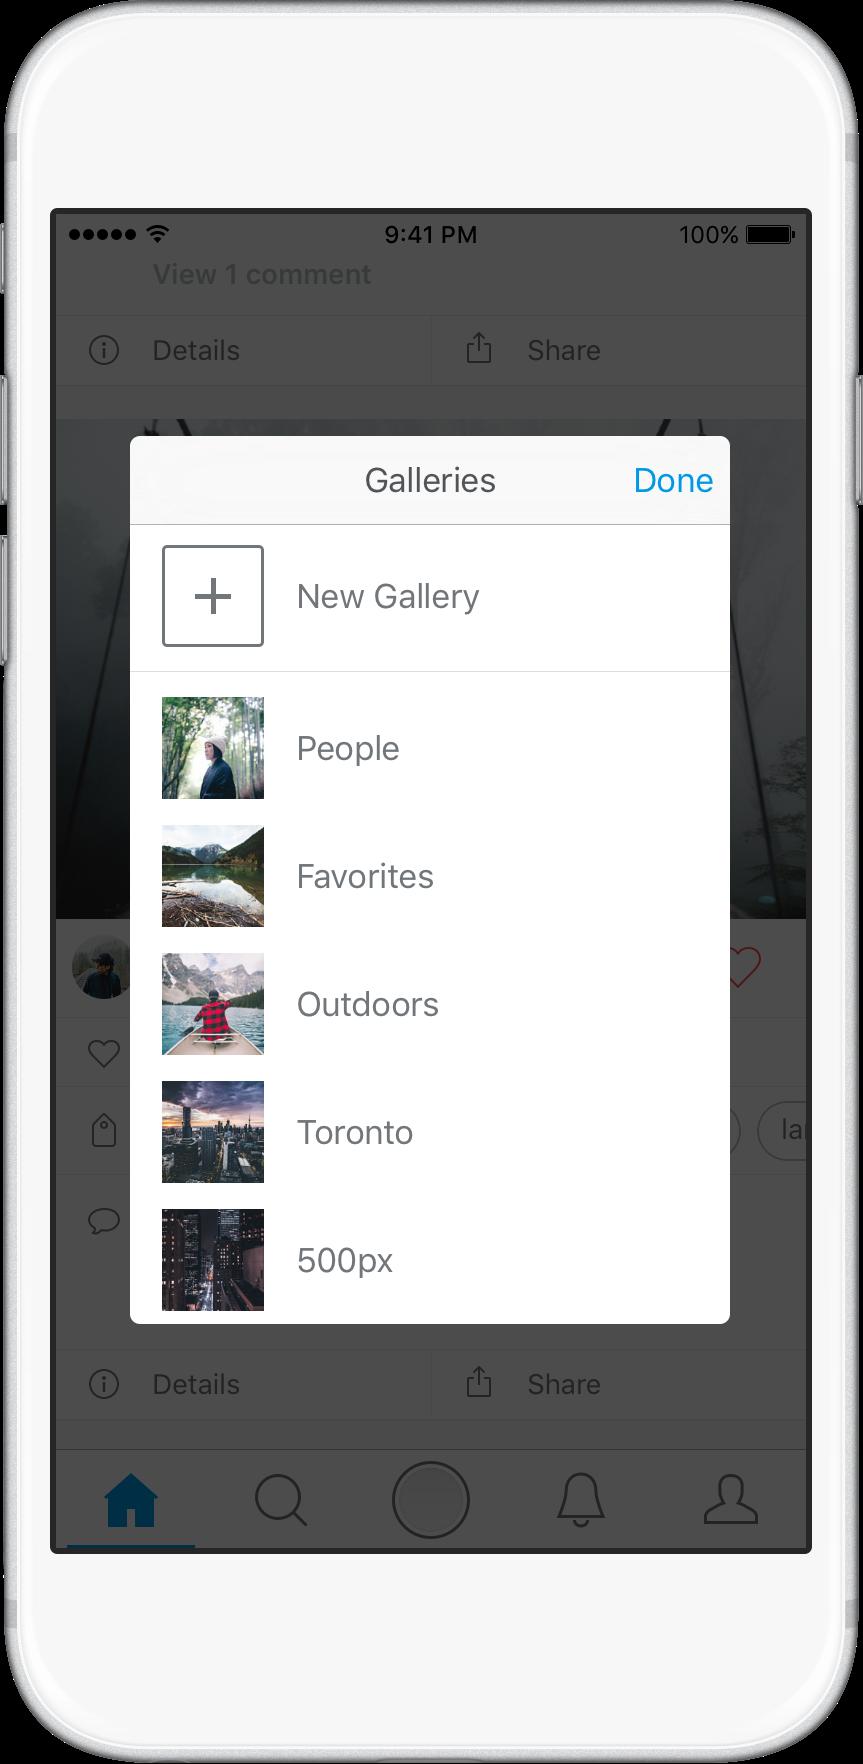 تطبيق 500px على أندرويد يجلب تصميم جديد وعلى iOS يدعم 3D touch